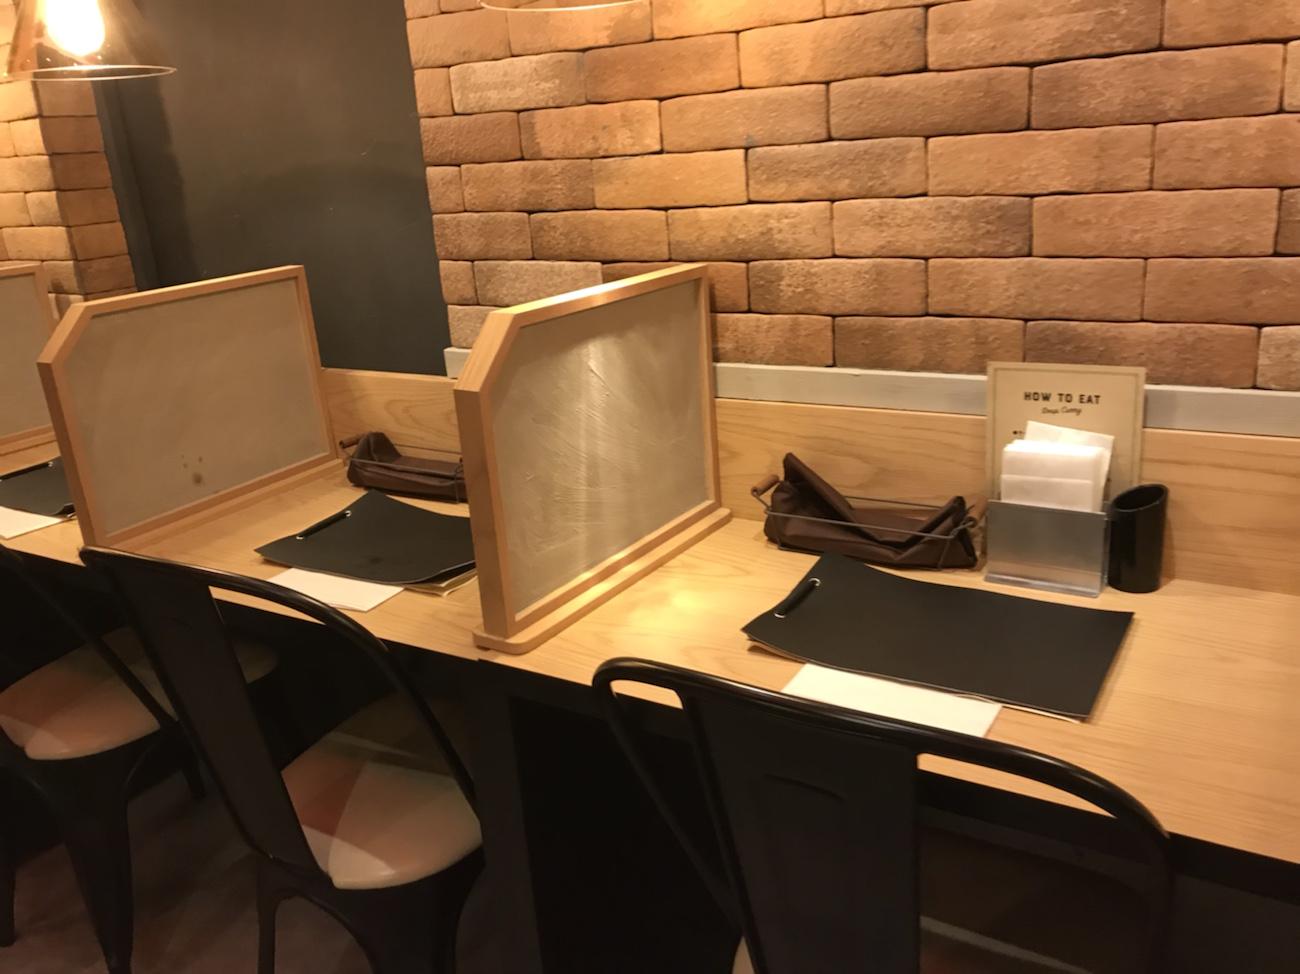 札幌スープカレーSuage(すあげ)渋谷店 東京 お1人様でも安心の カウンター席